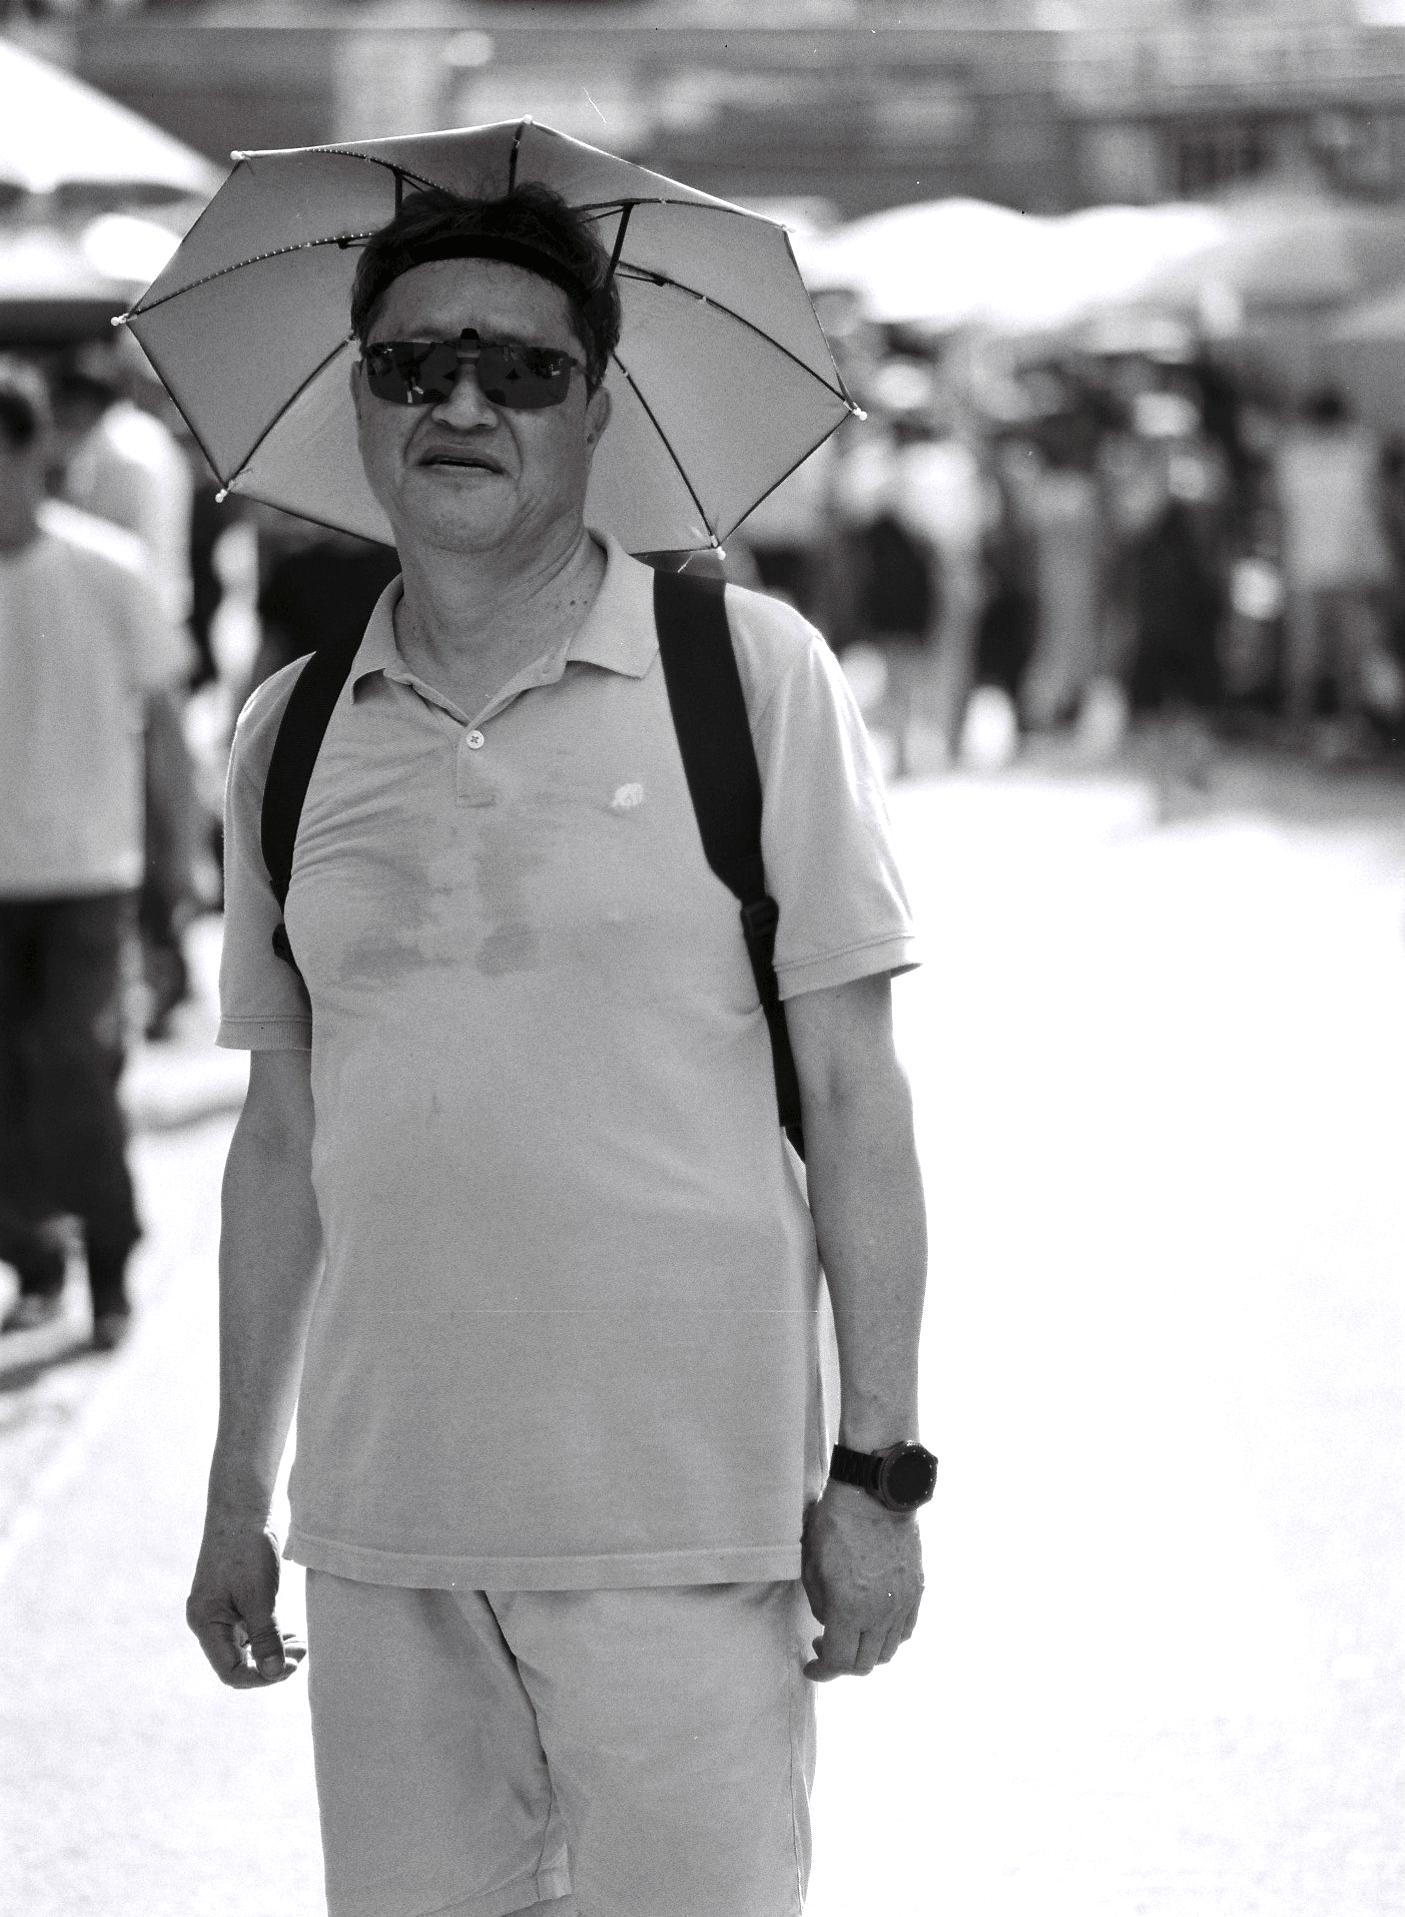 """""""즐겁고 행복하게, 남에게 피해 안 주고 열심히 사는게 제일 좋은 것 같습니다.""""  -이민, 65세  """"Living happily and joyfully without making other people unhappy is most important.""""  -Min Lee, 64"""